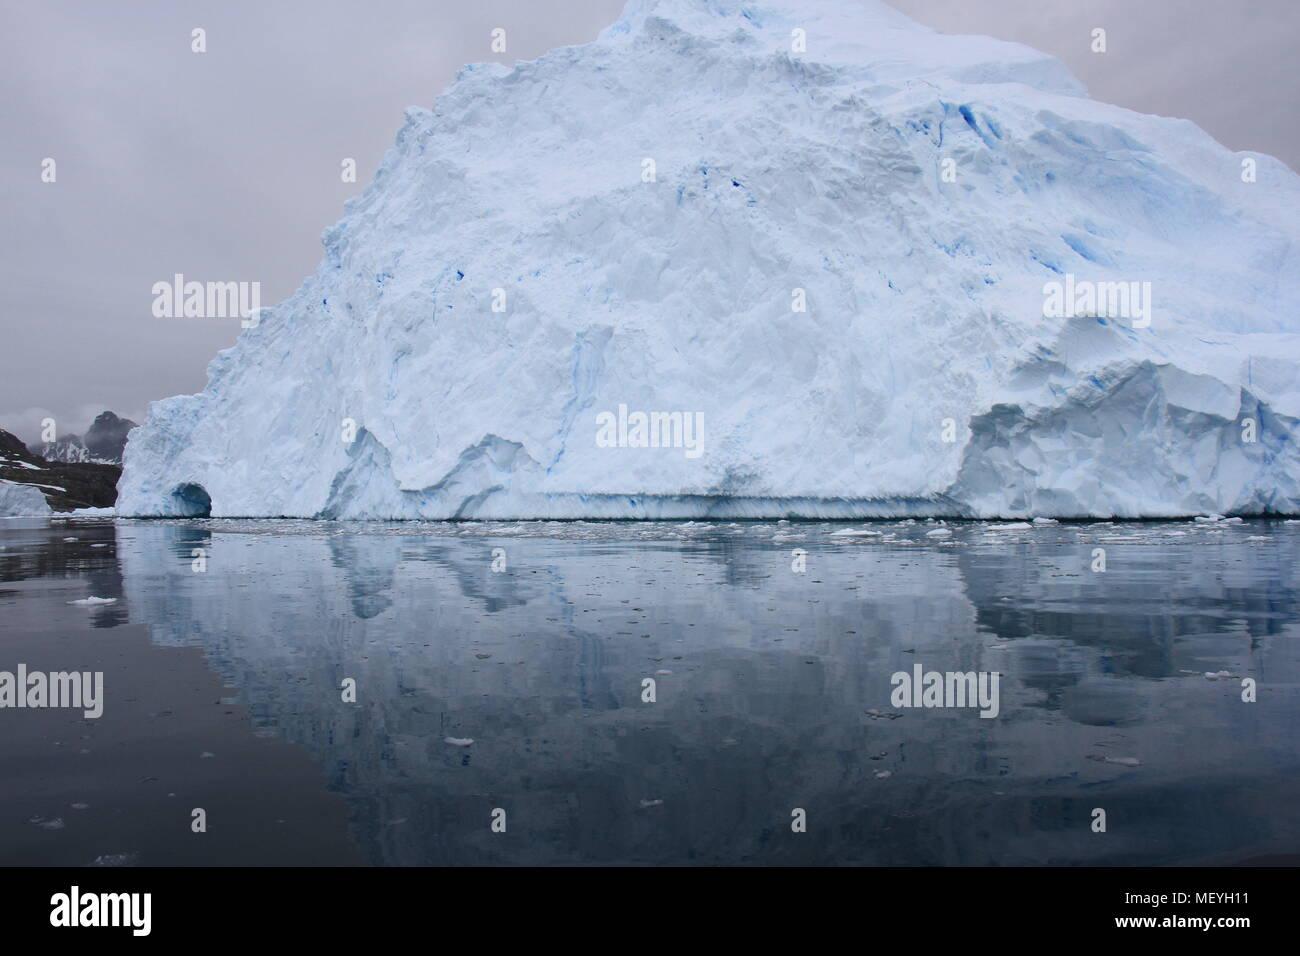 El hielo de la antártica Imagen De Stock